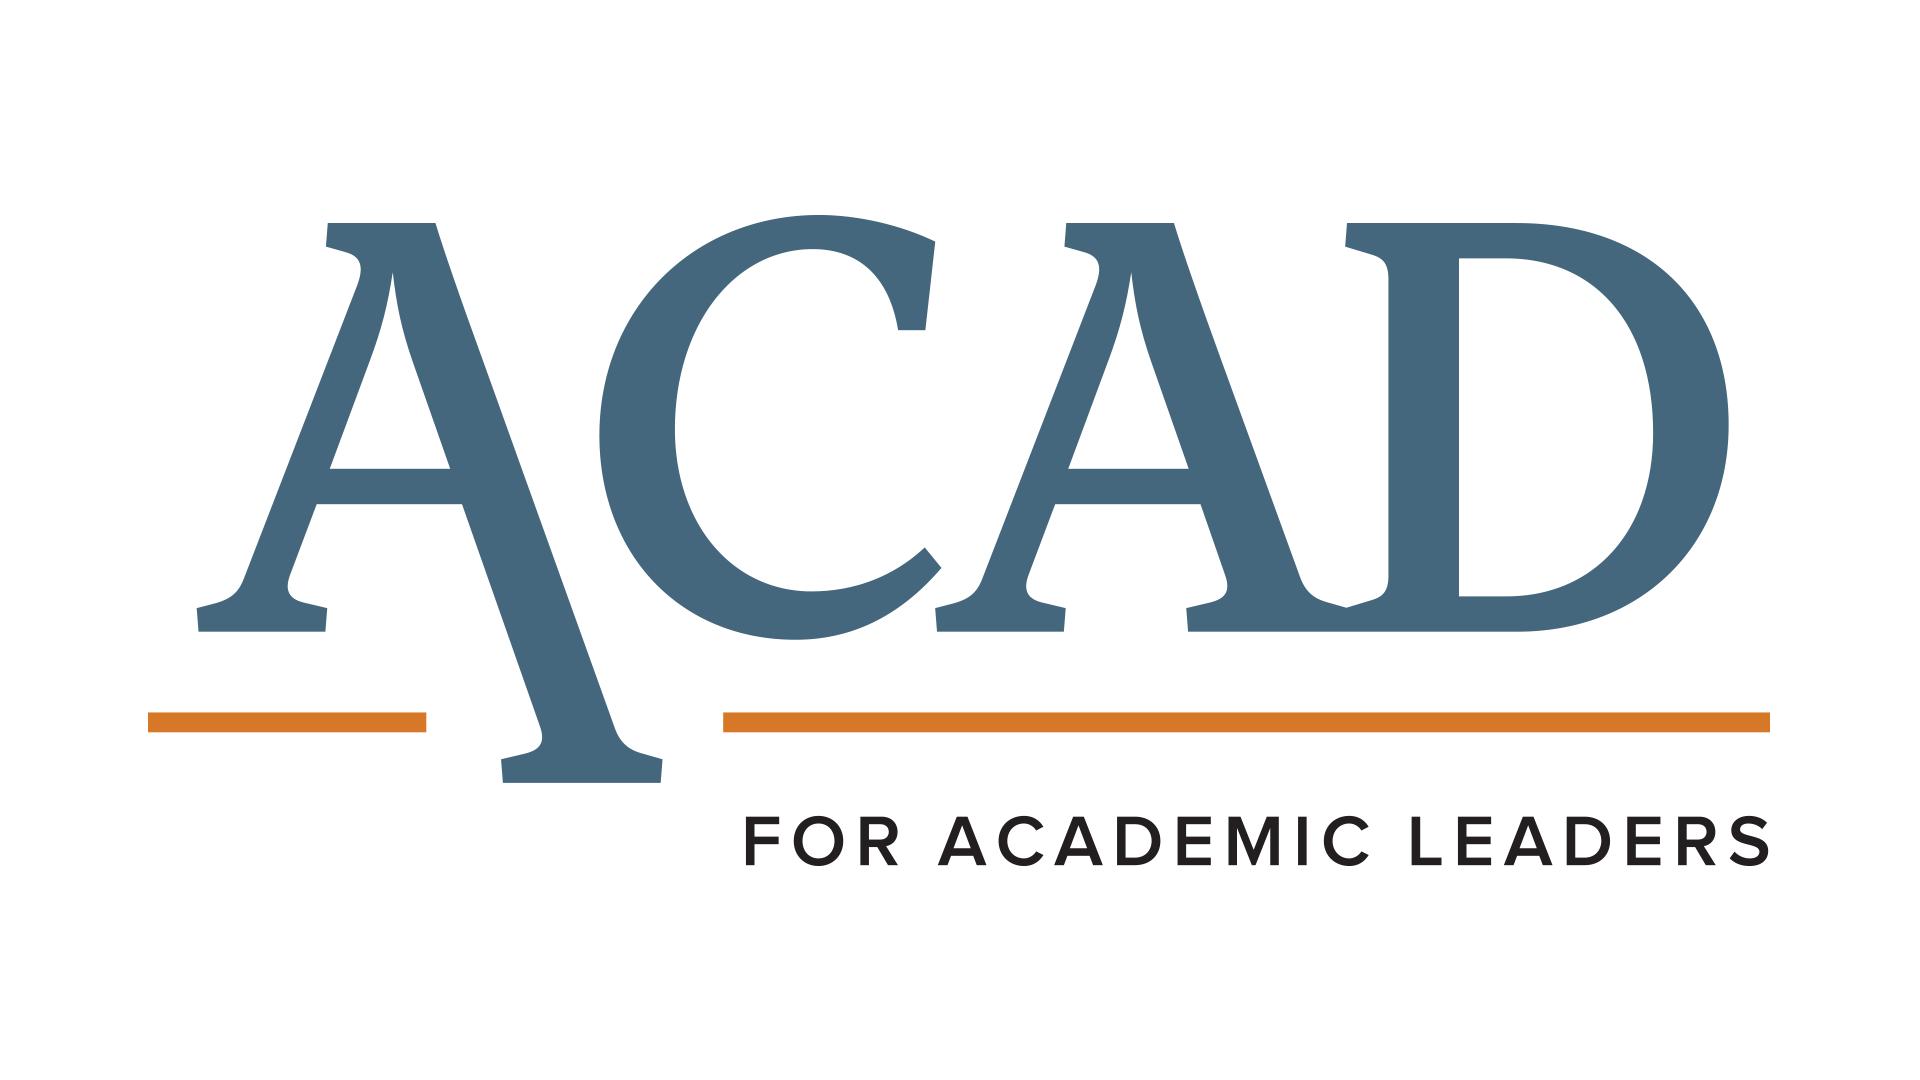 ACAD_logo_1920x1080